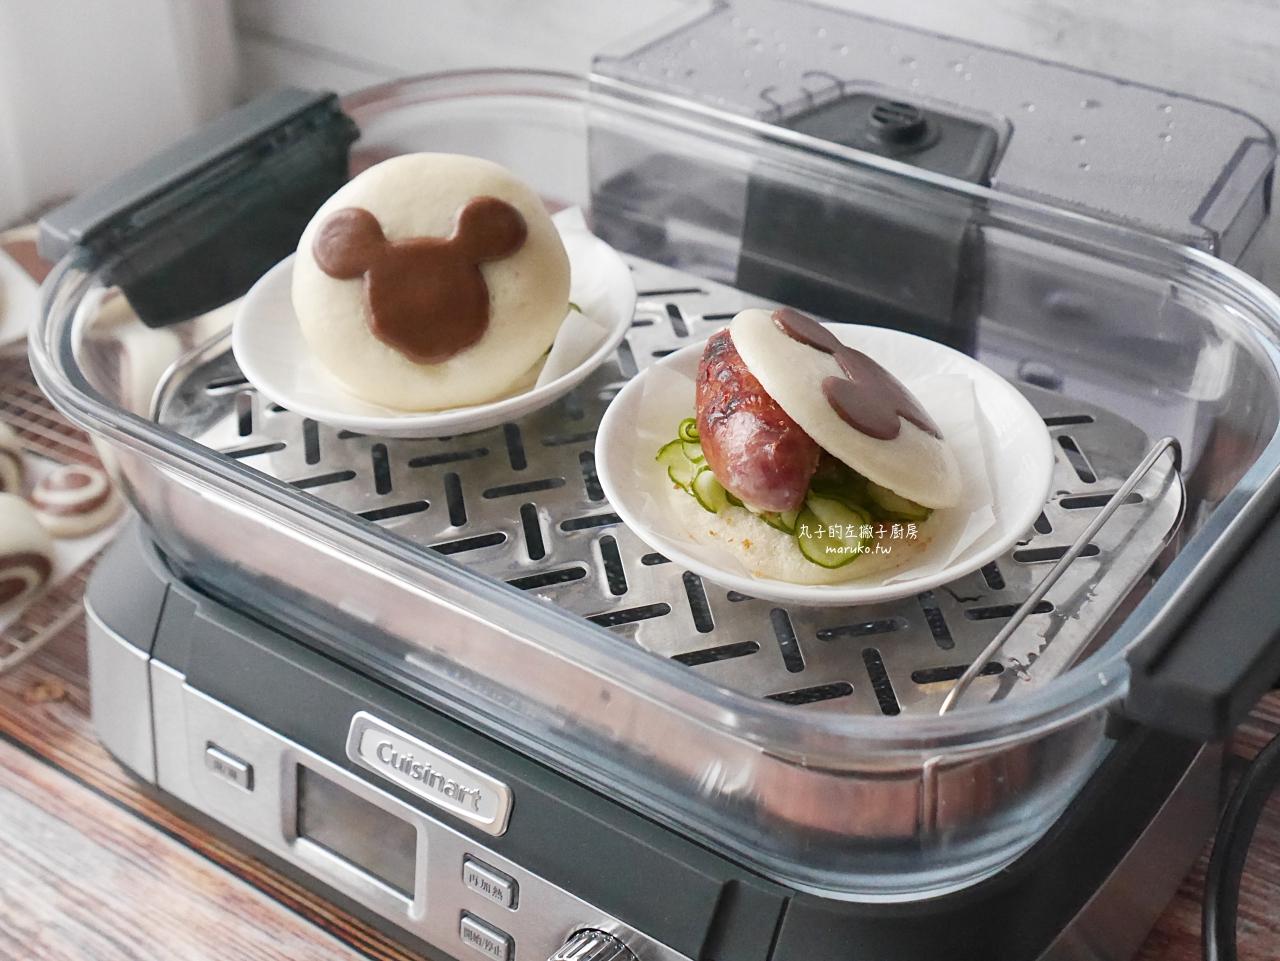 【食譜】中式刈包 不需要攪拌機 米奇造型刈包簡易做法 美膳雅蒸鮮鍋推薦